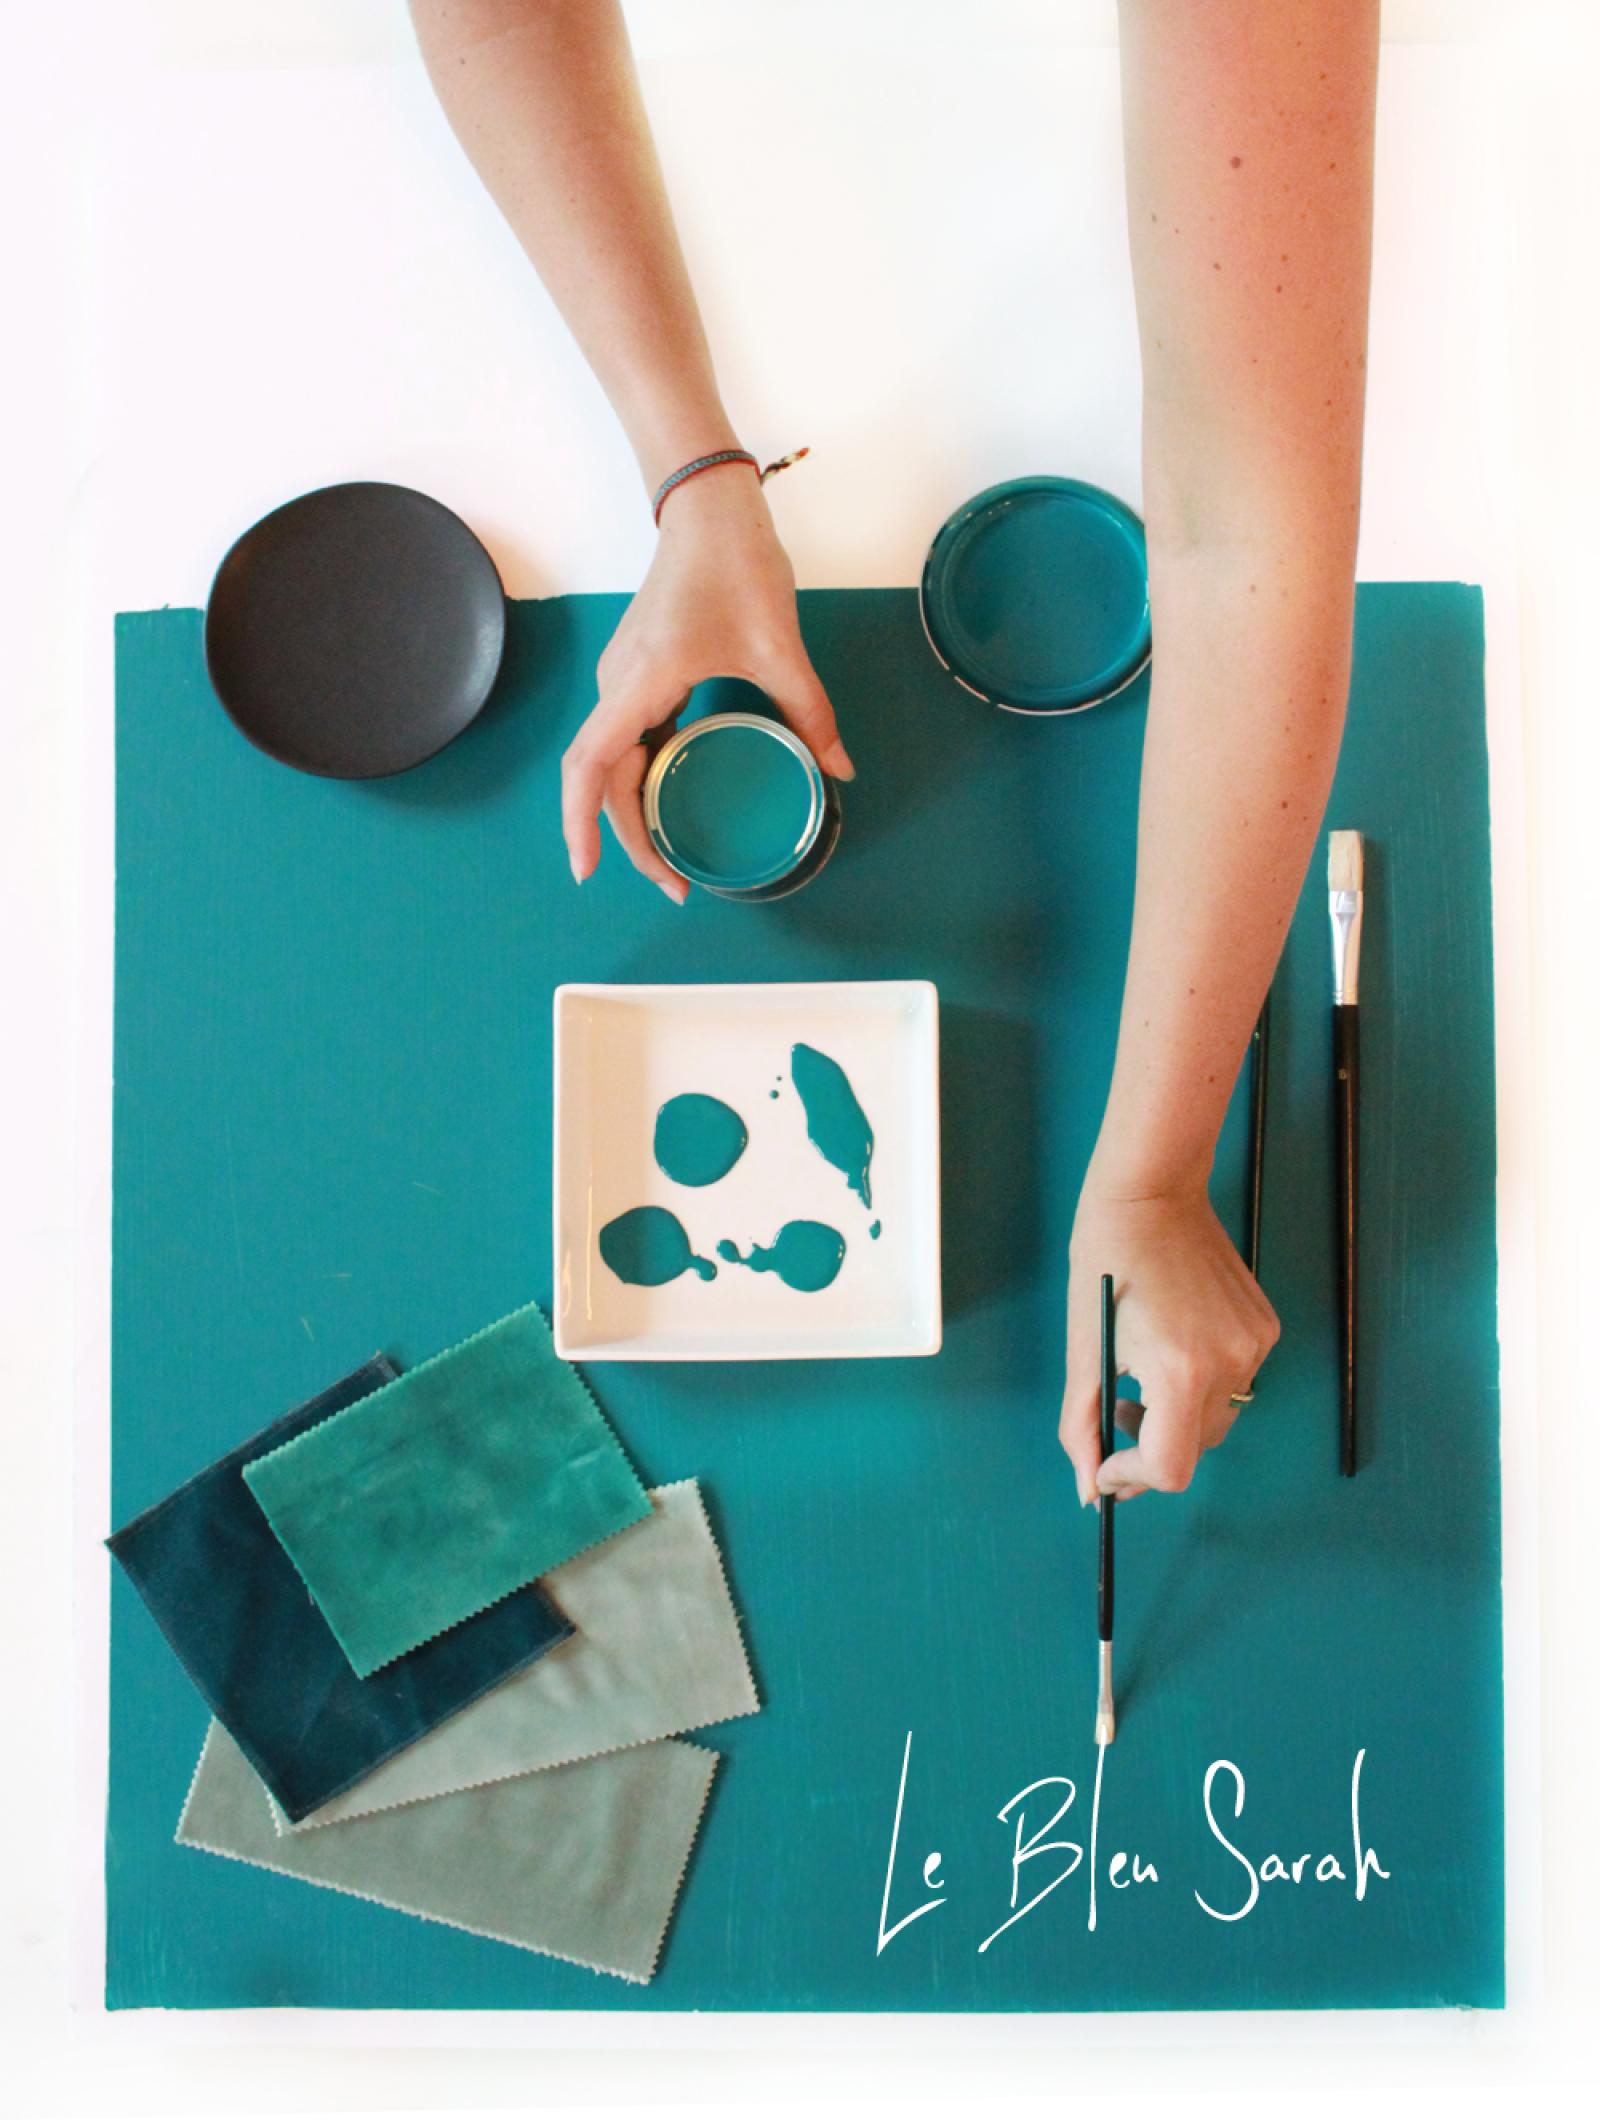 le bleu sarah lavoine en d coration maison sarah lavoine. Black Bedroom Furniture Sets. Home Design Ideas